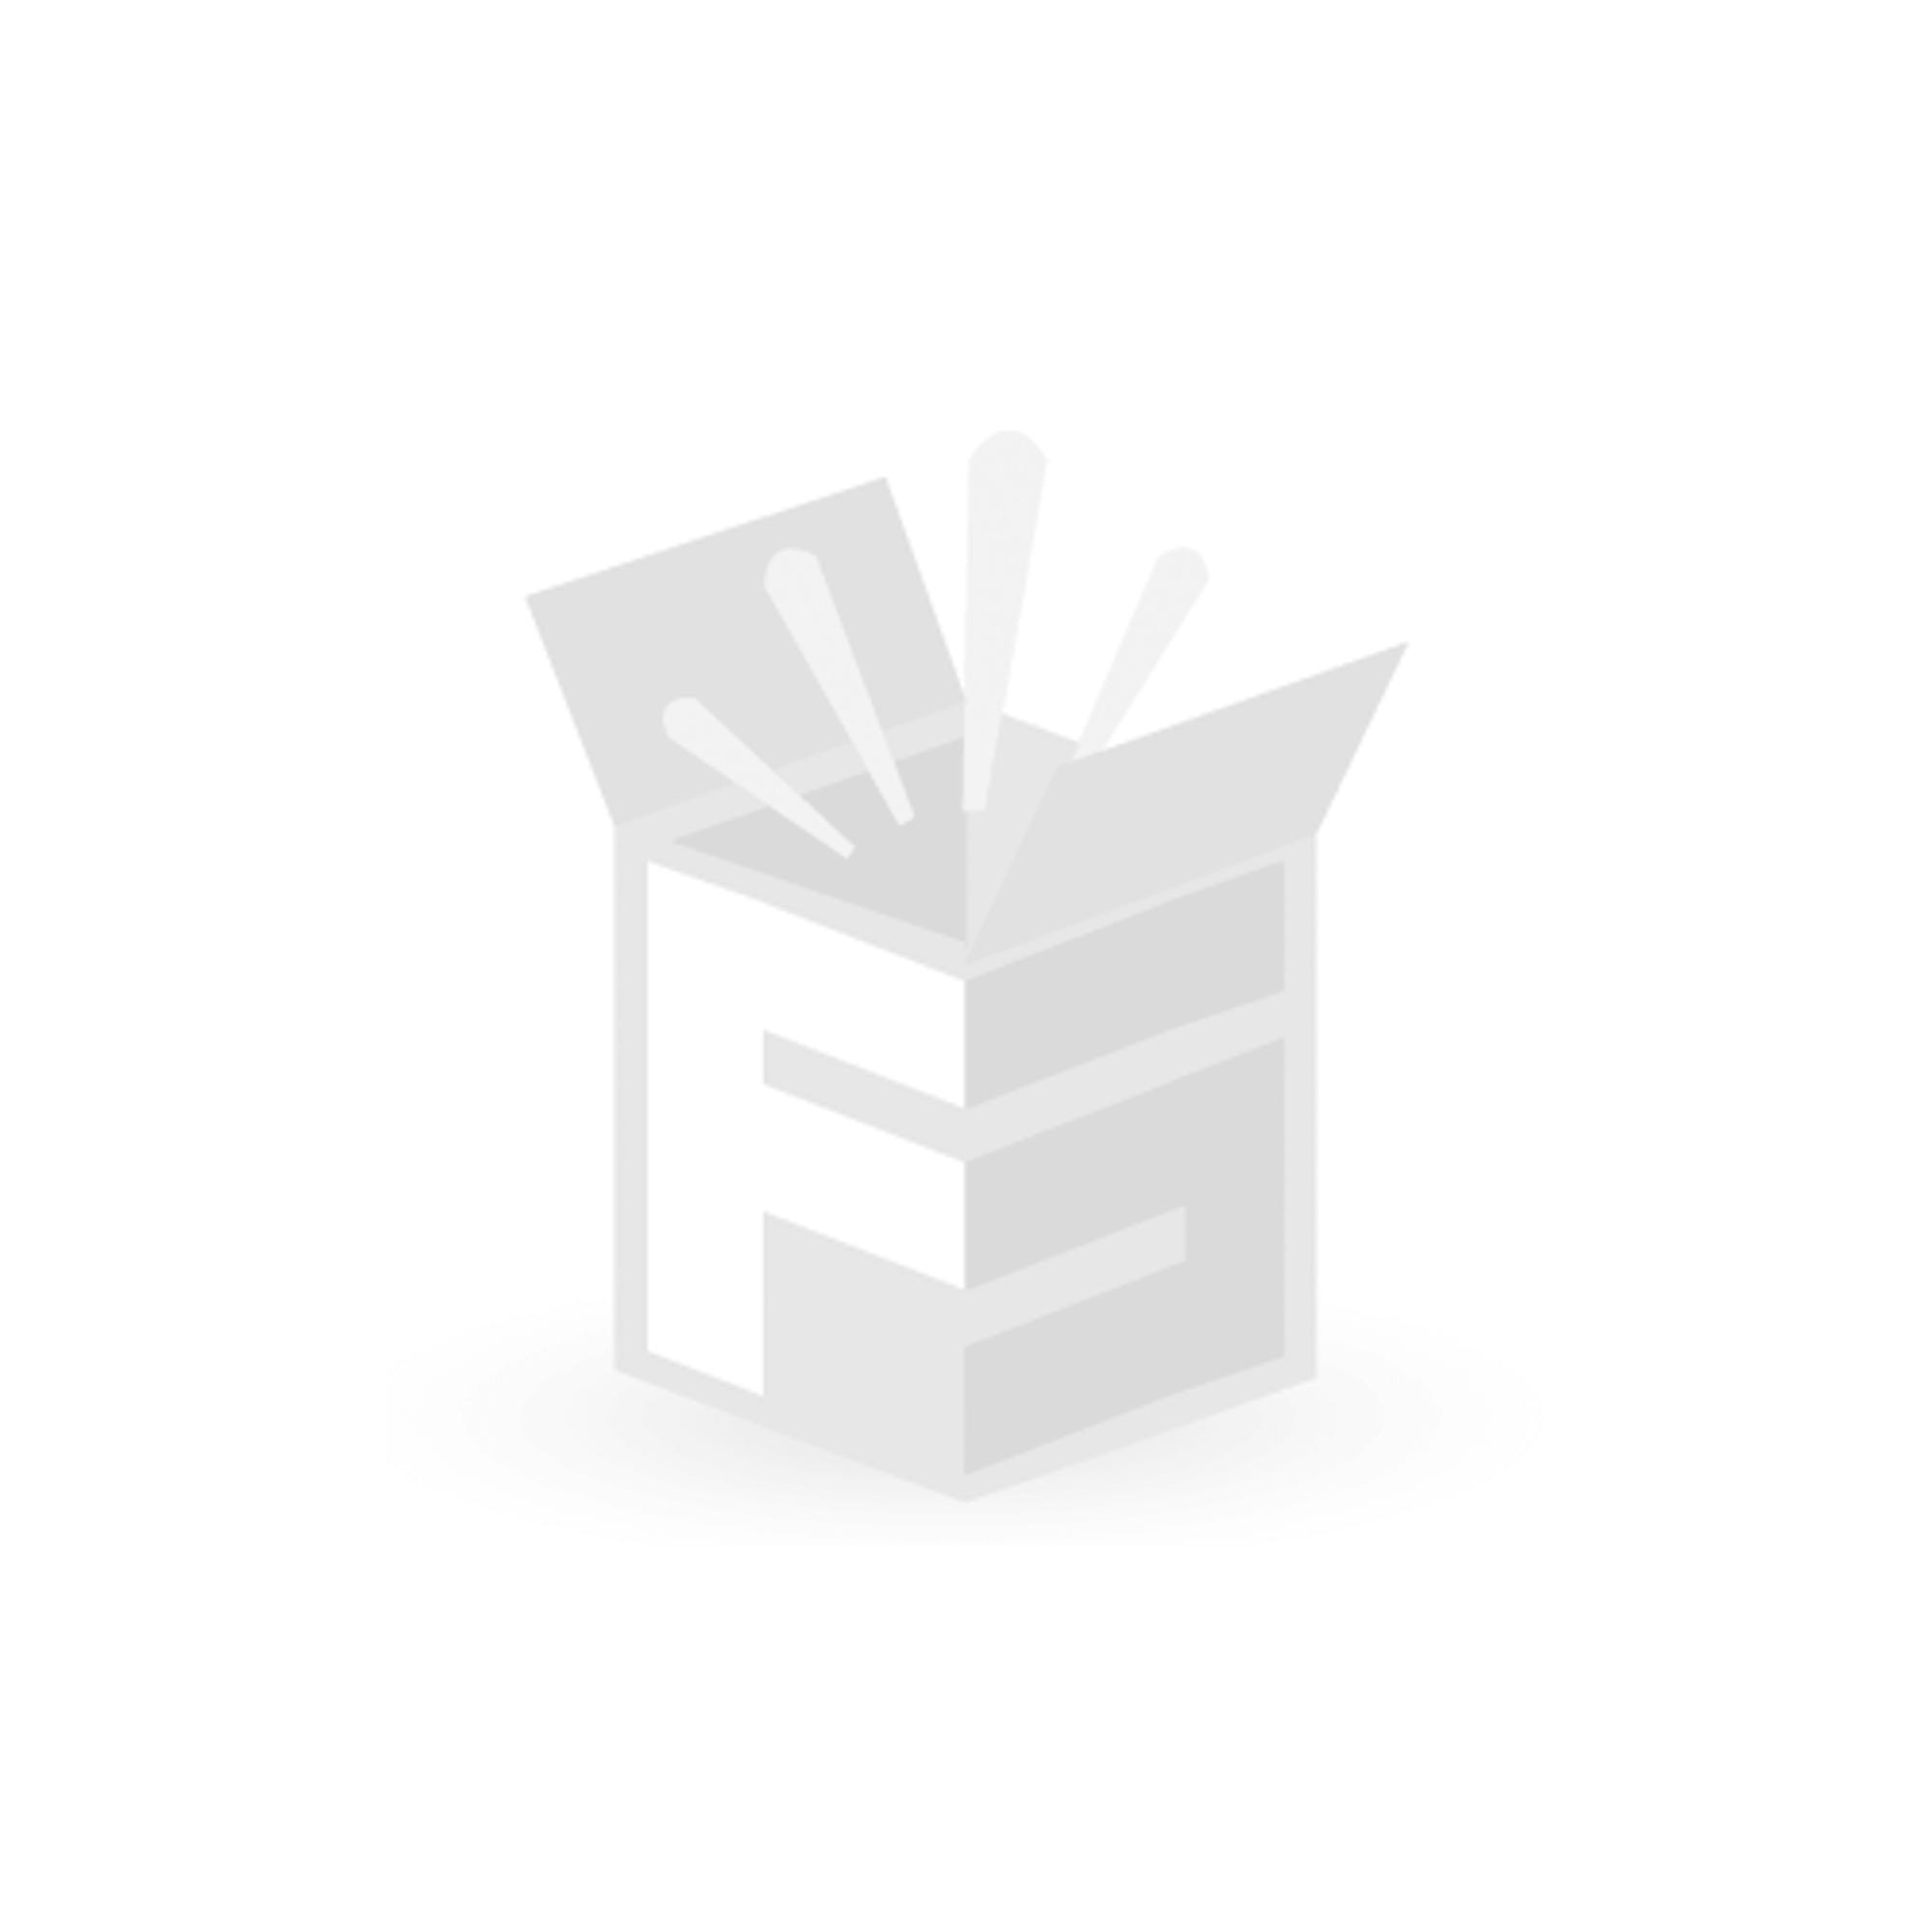 HELSINKI Highboard MDF Dekor Eiche weiss matt lackiert, 110x114x40cm